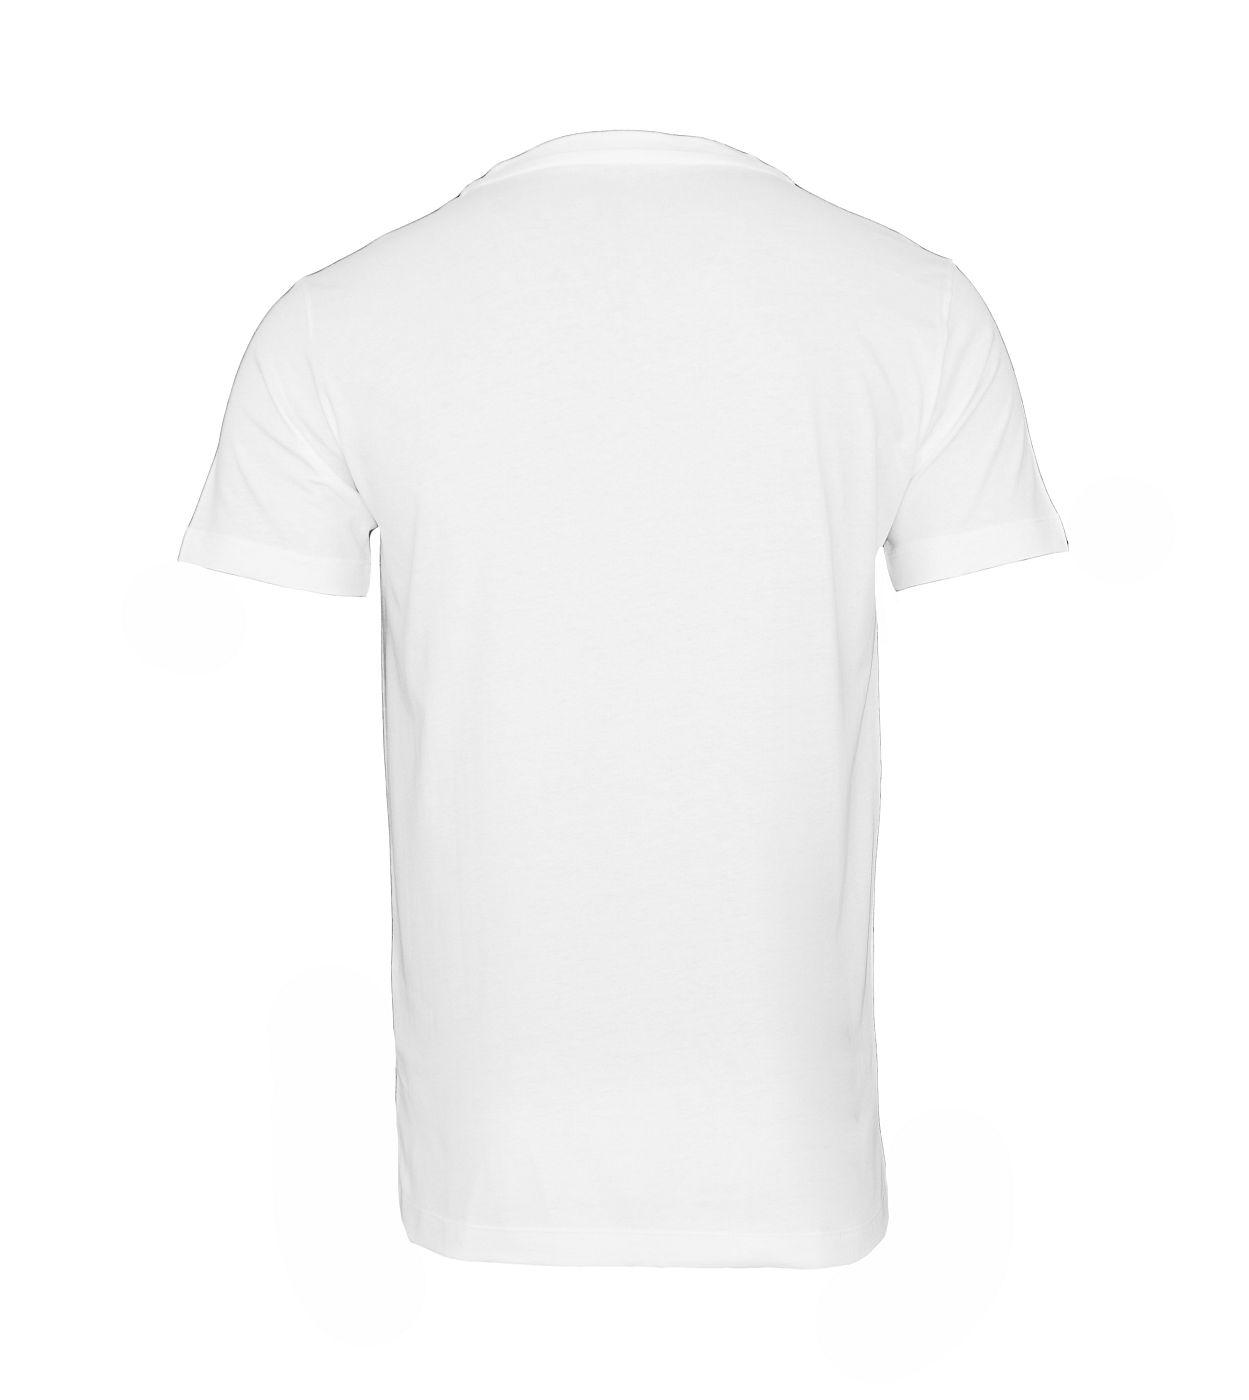 Replay 2er Pack T-Shirts V-Ausschnitt M3589 22602 050 GREY MELANGE, WHITE S18-RPT1